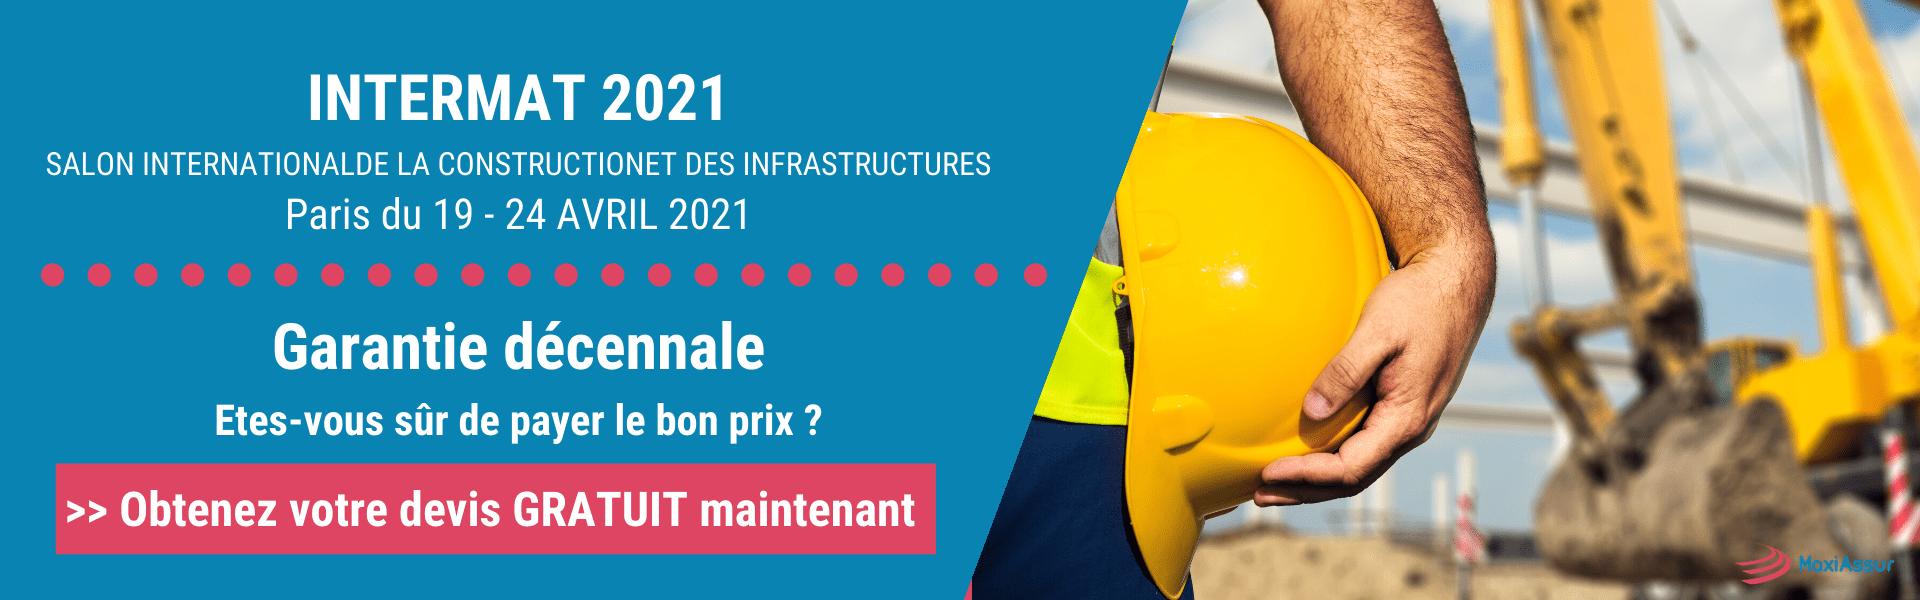 Intermat Paris 2021